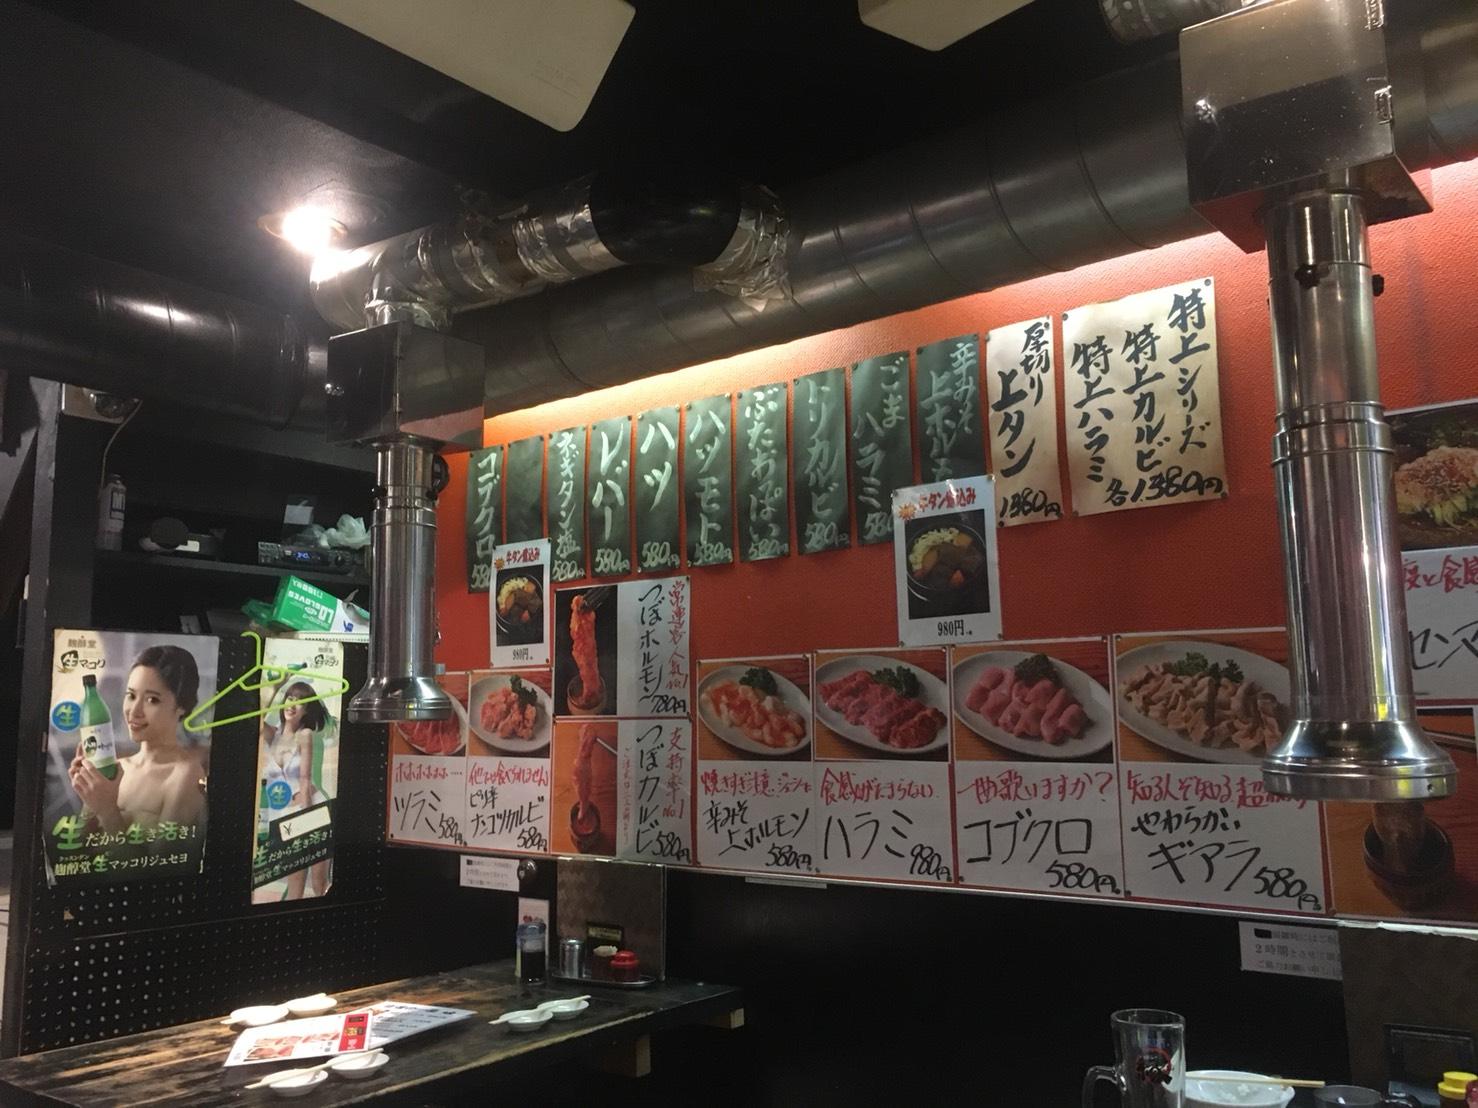 【池袋駅】夏!ホルモン食おうぜ作戦決行「ホルモン焼肉 縁 池袋店」の店内2